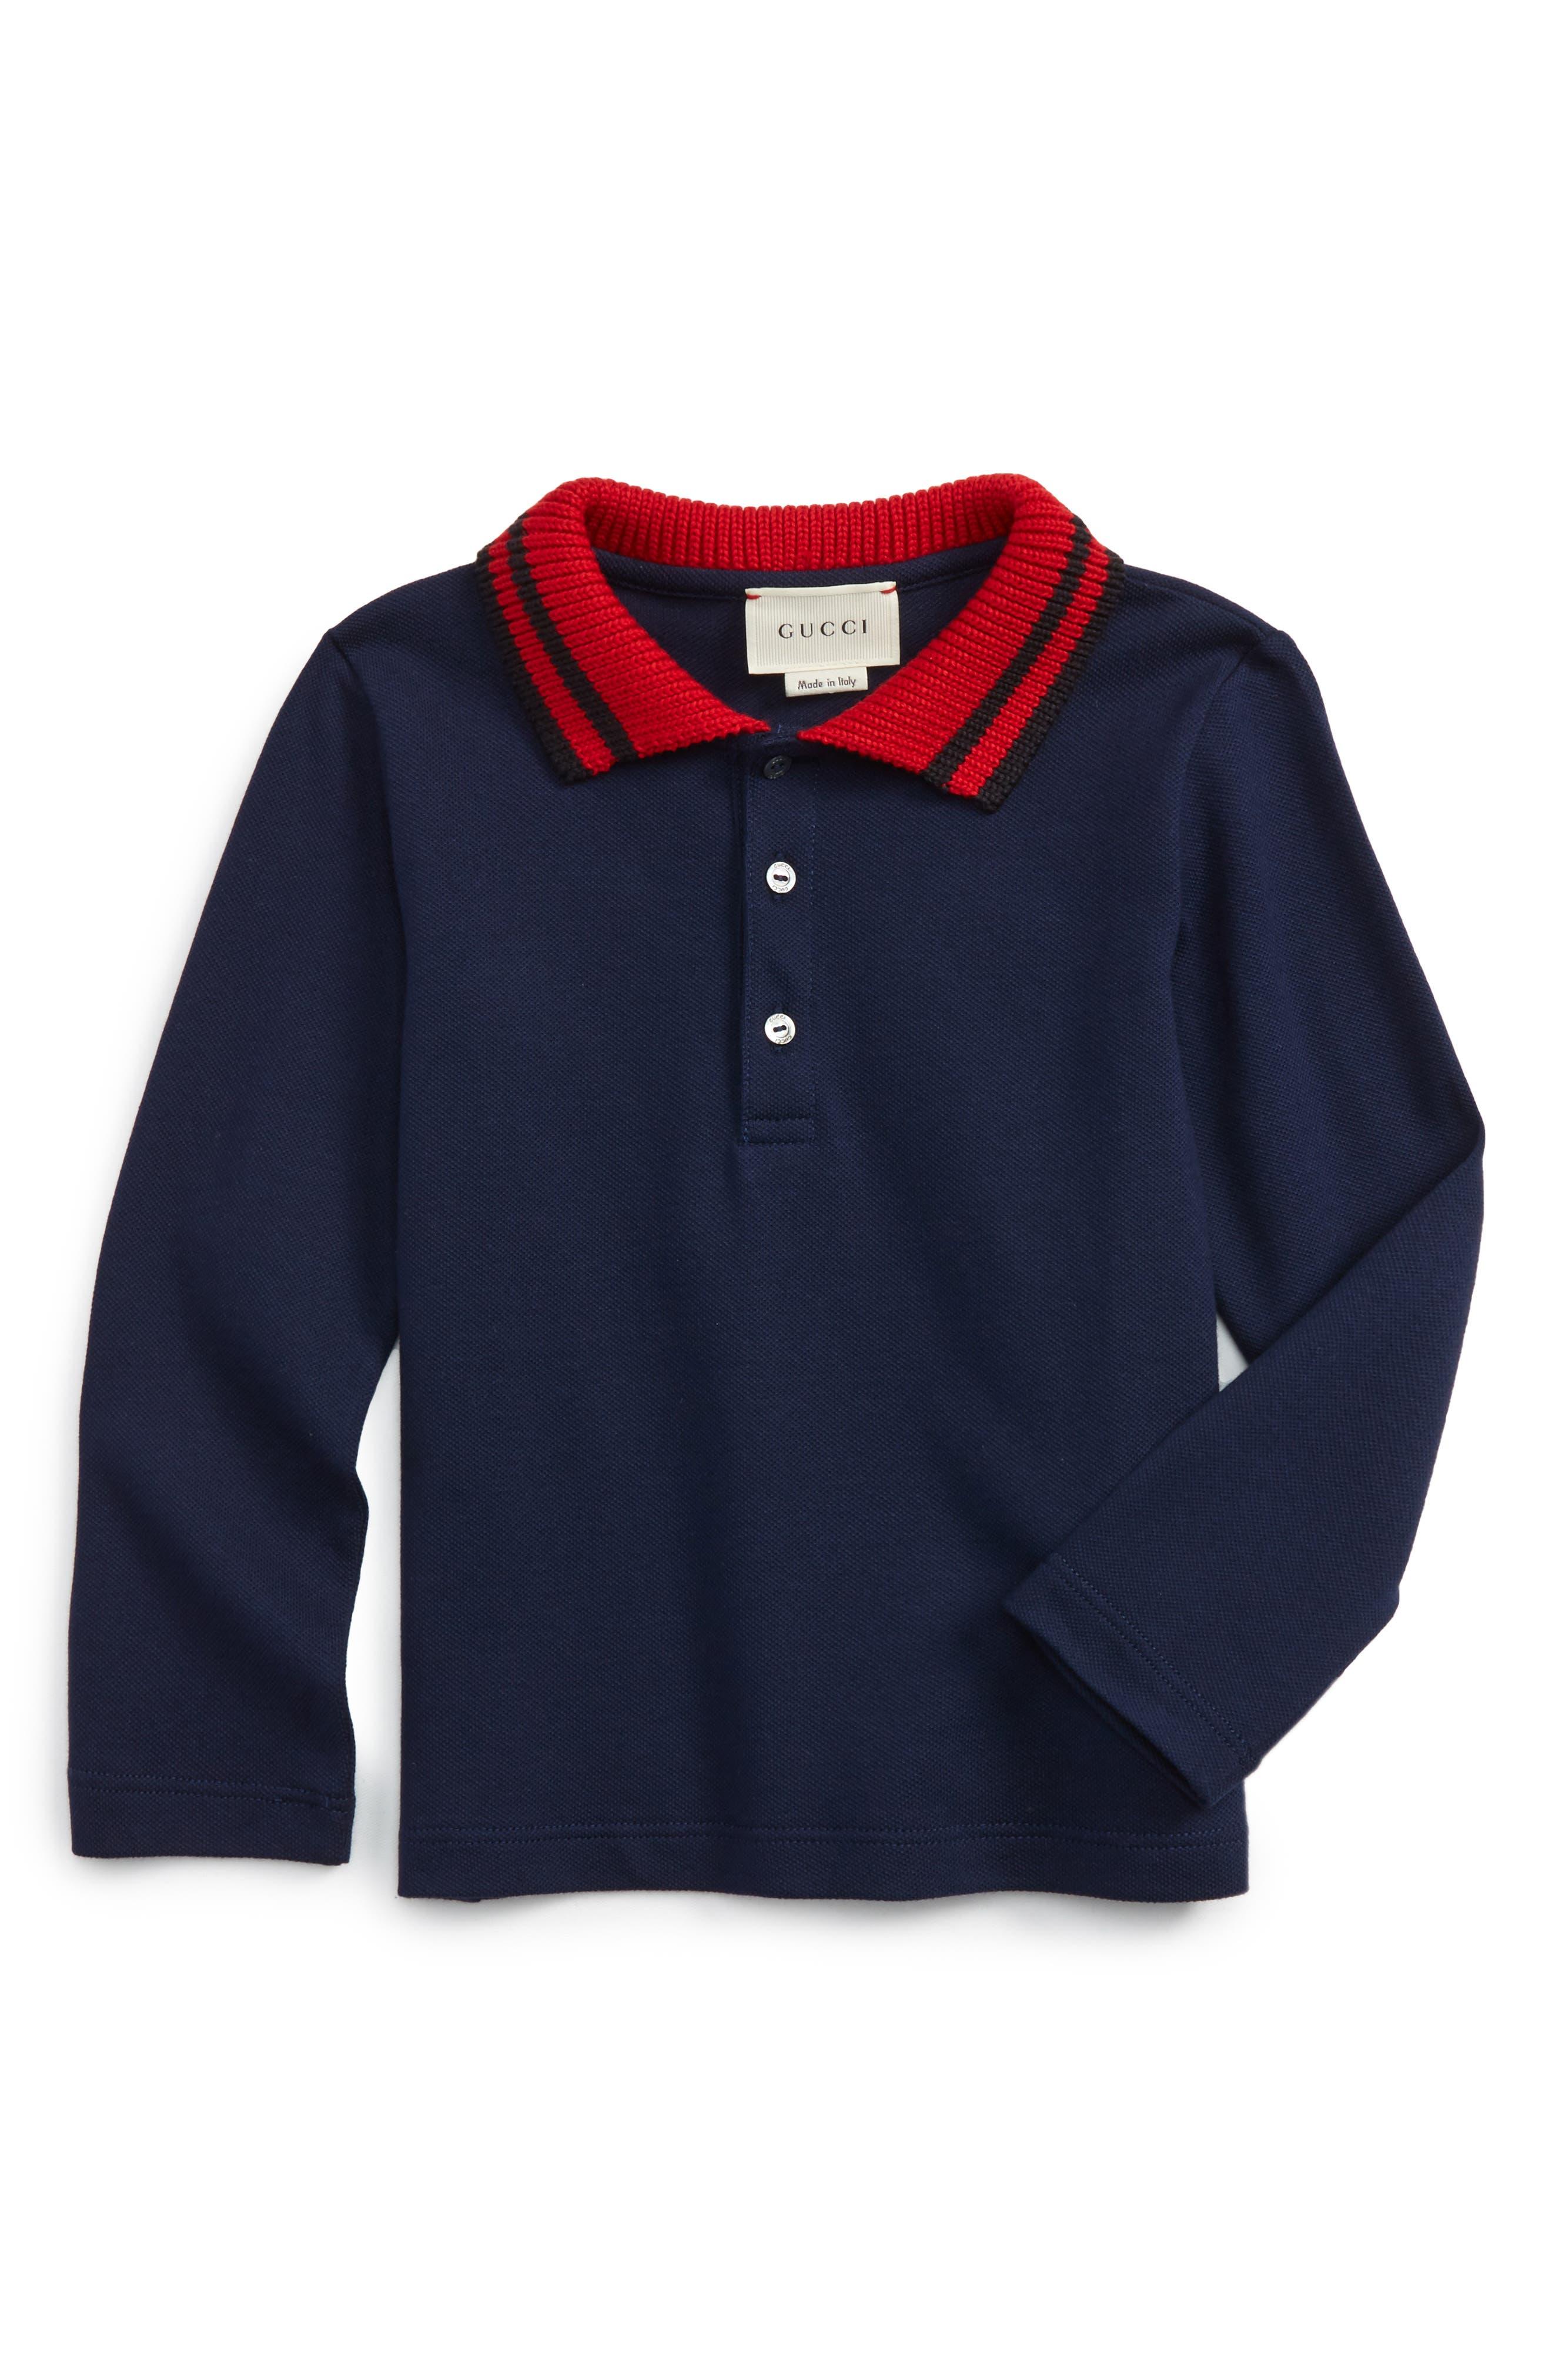 Gucci Stripe Collar Long Sleeve Polo (Baby Boys & Toddler Boys)